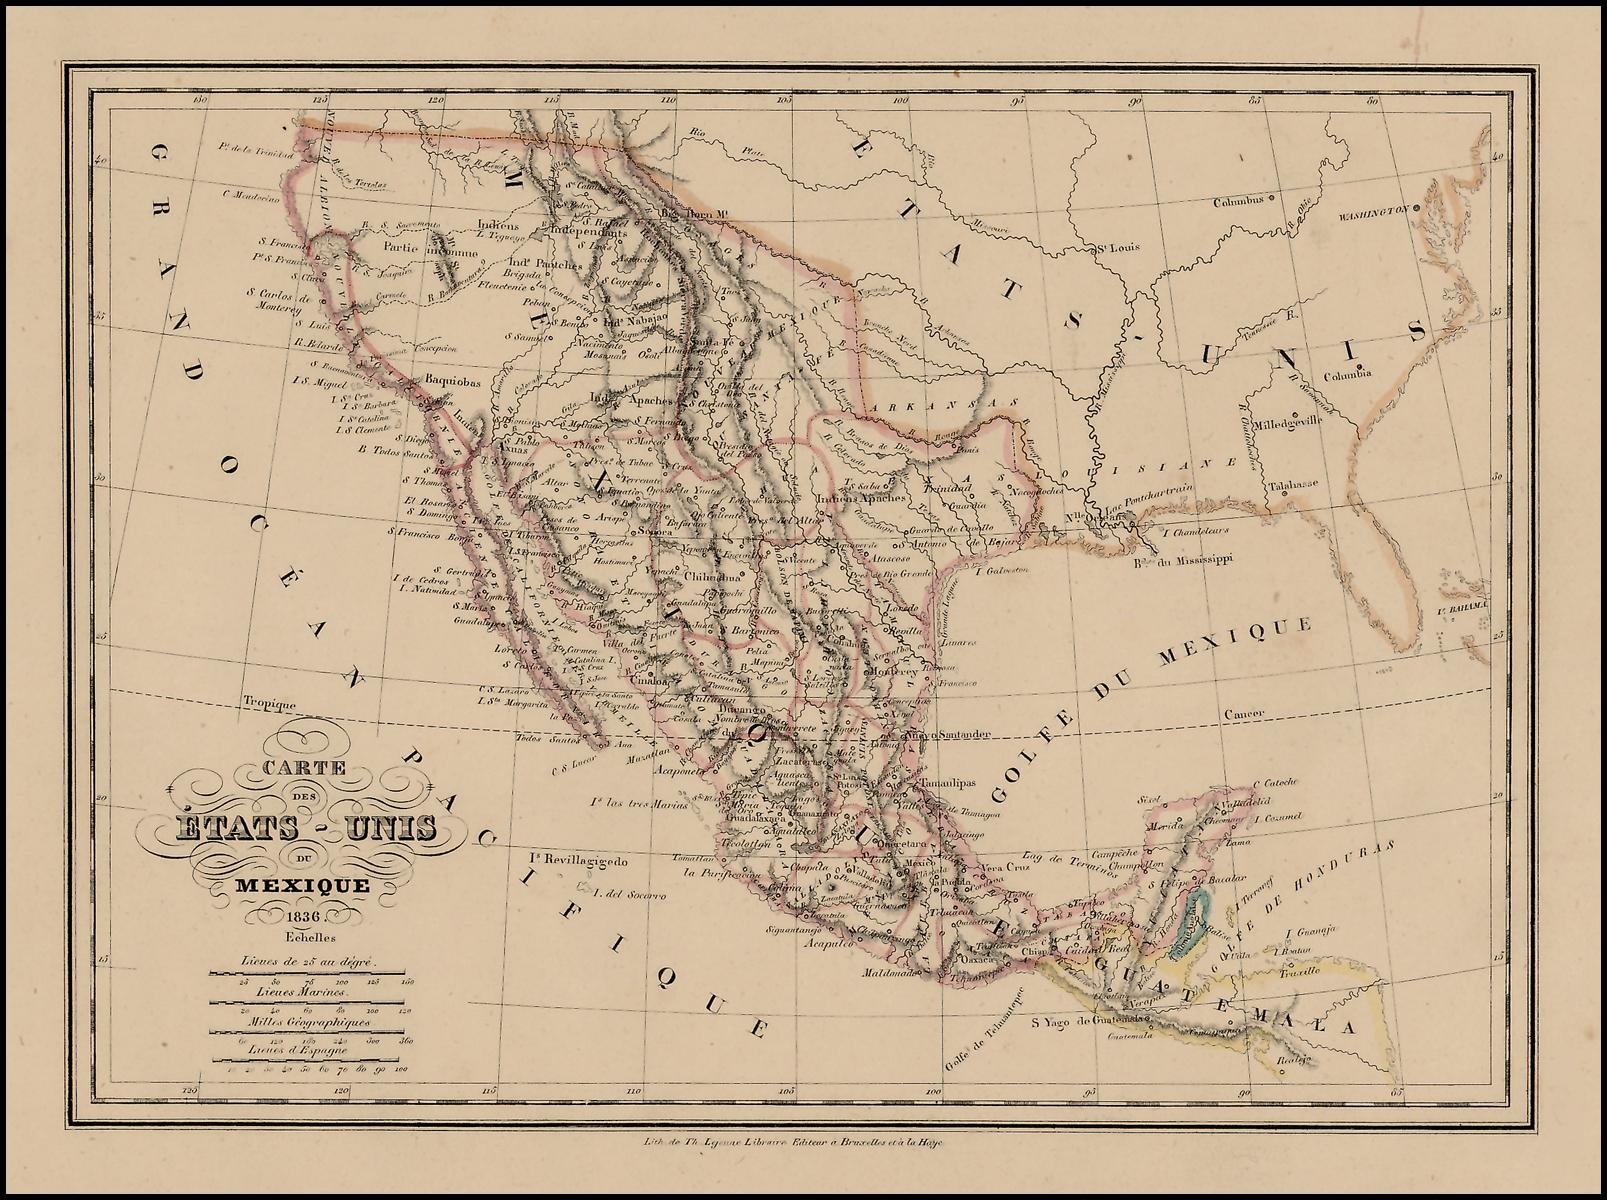 Carte Des Etats Unis Du Mexique 1836 Republic Of Texas